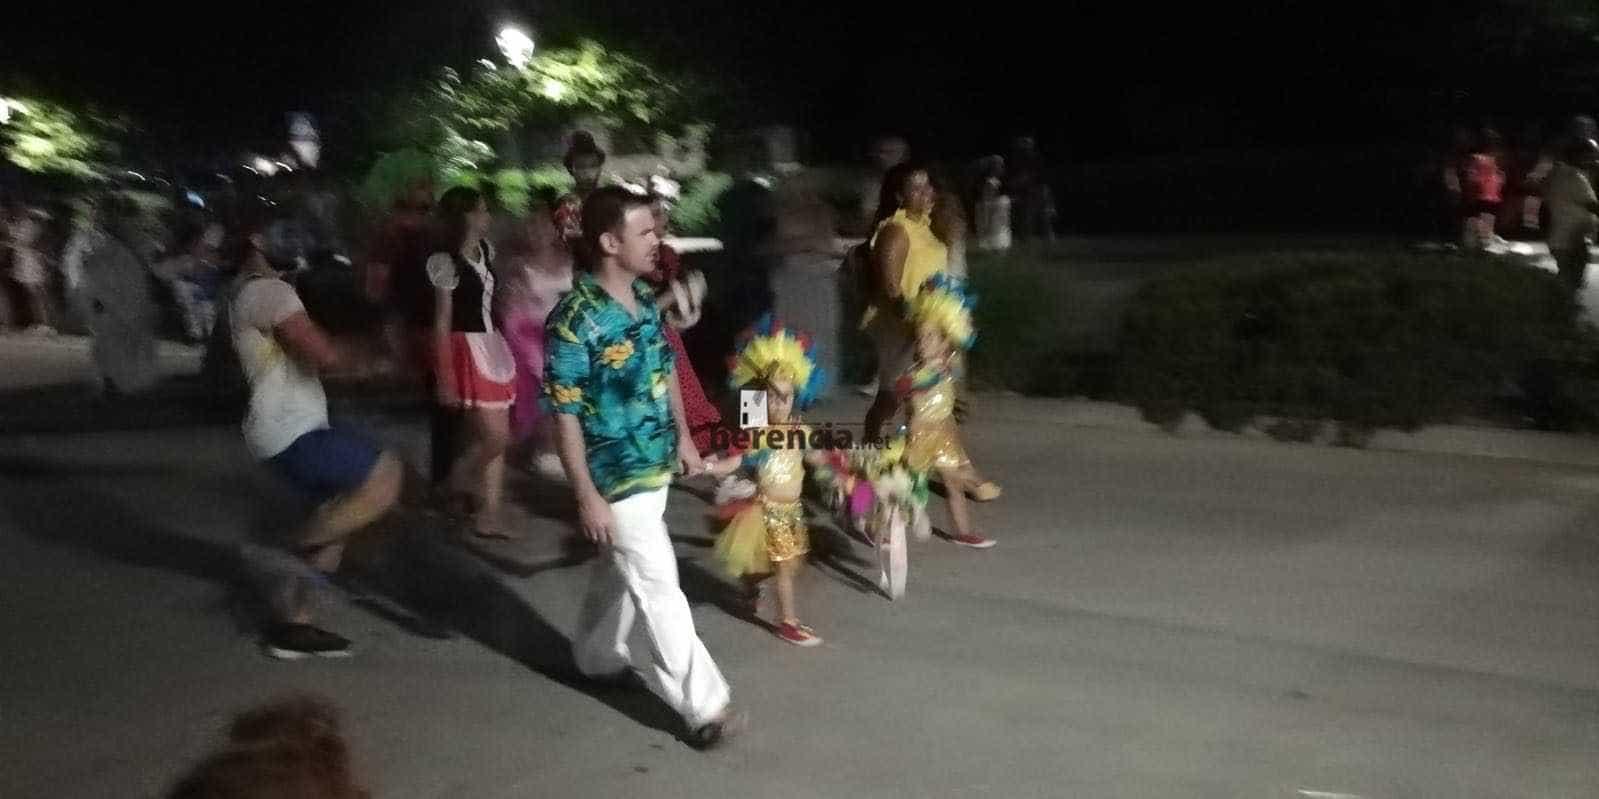 Carnaval de herencia 2019 galeria 52 - Galería de fotografías del Carnaval de Verano 2019